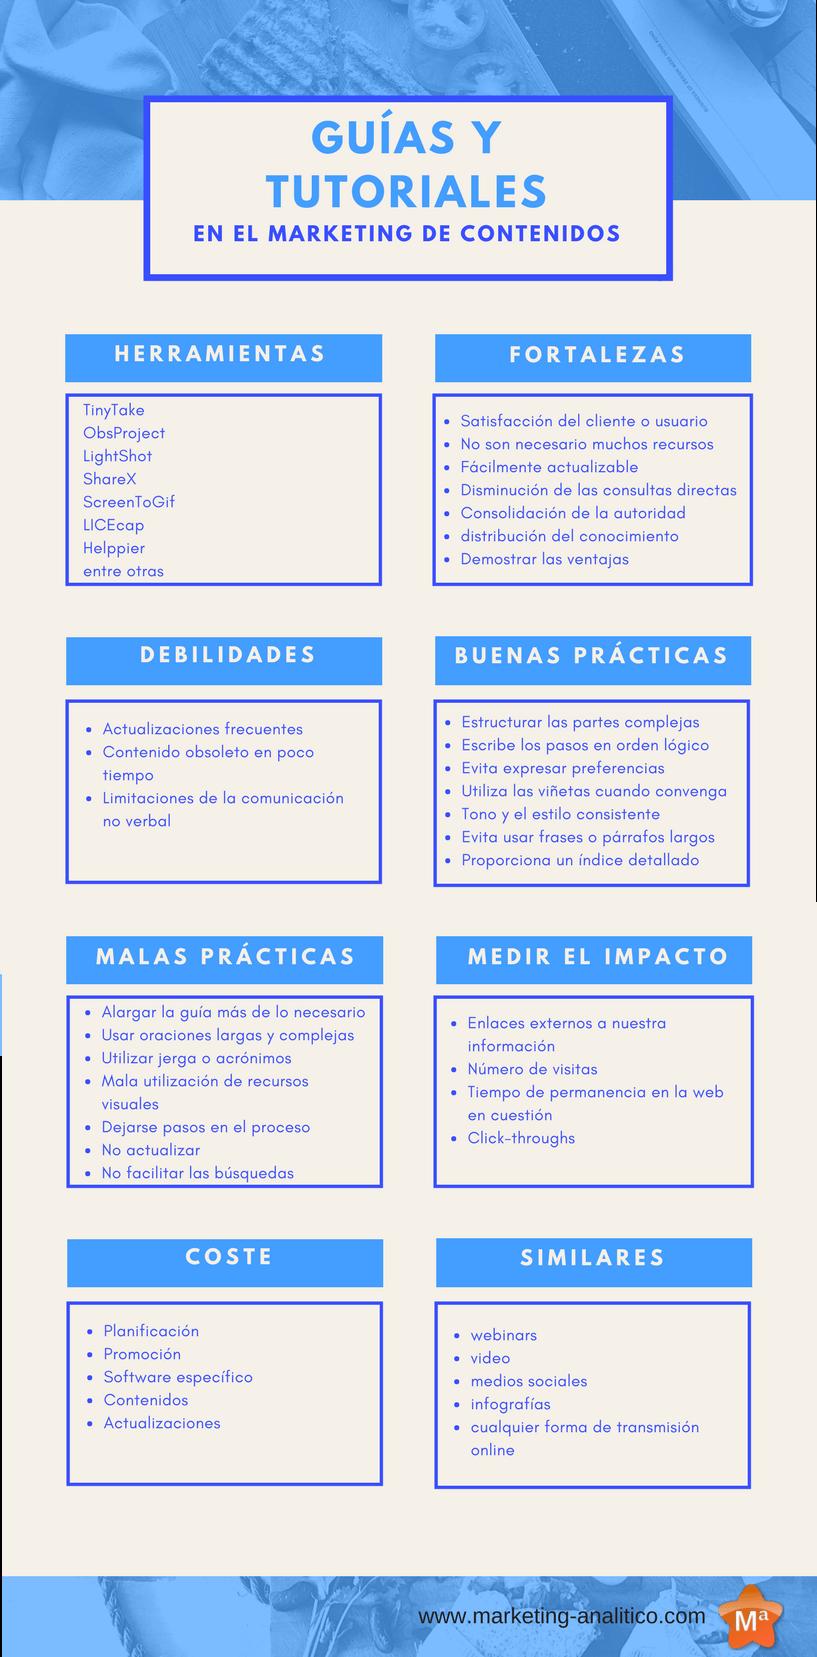 Guías y tutoriales en el marketing de contenidos-infografía